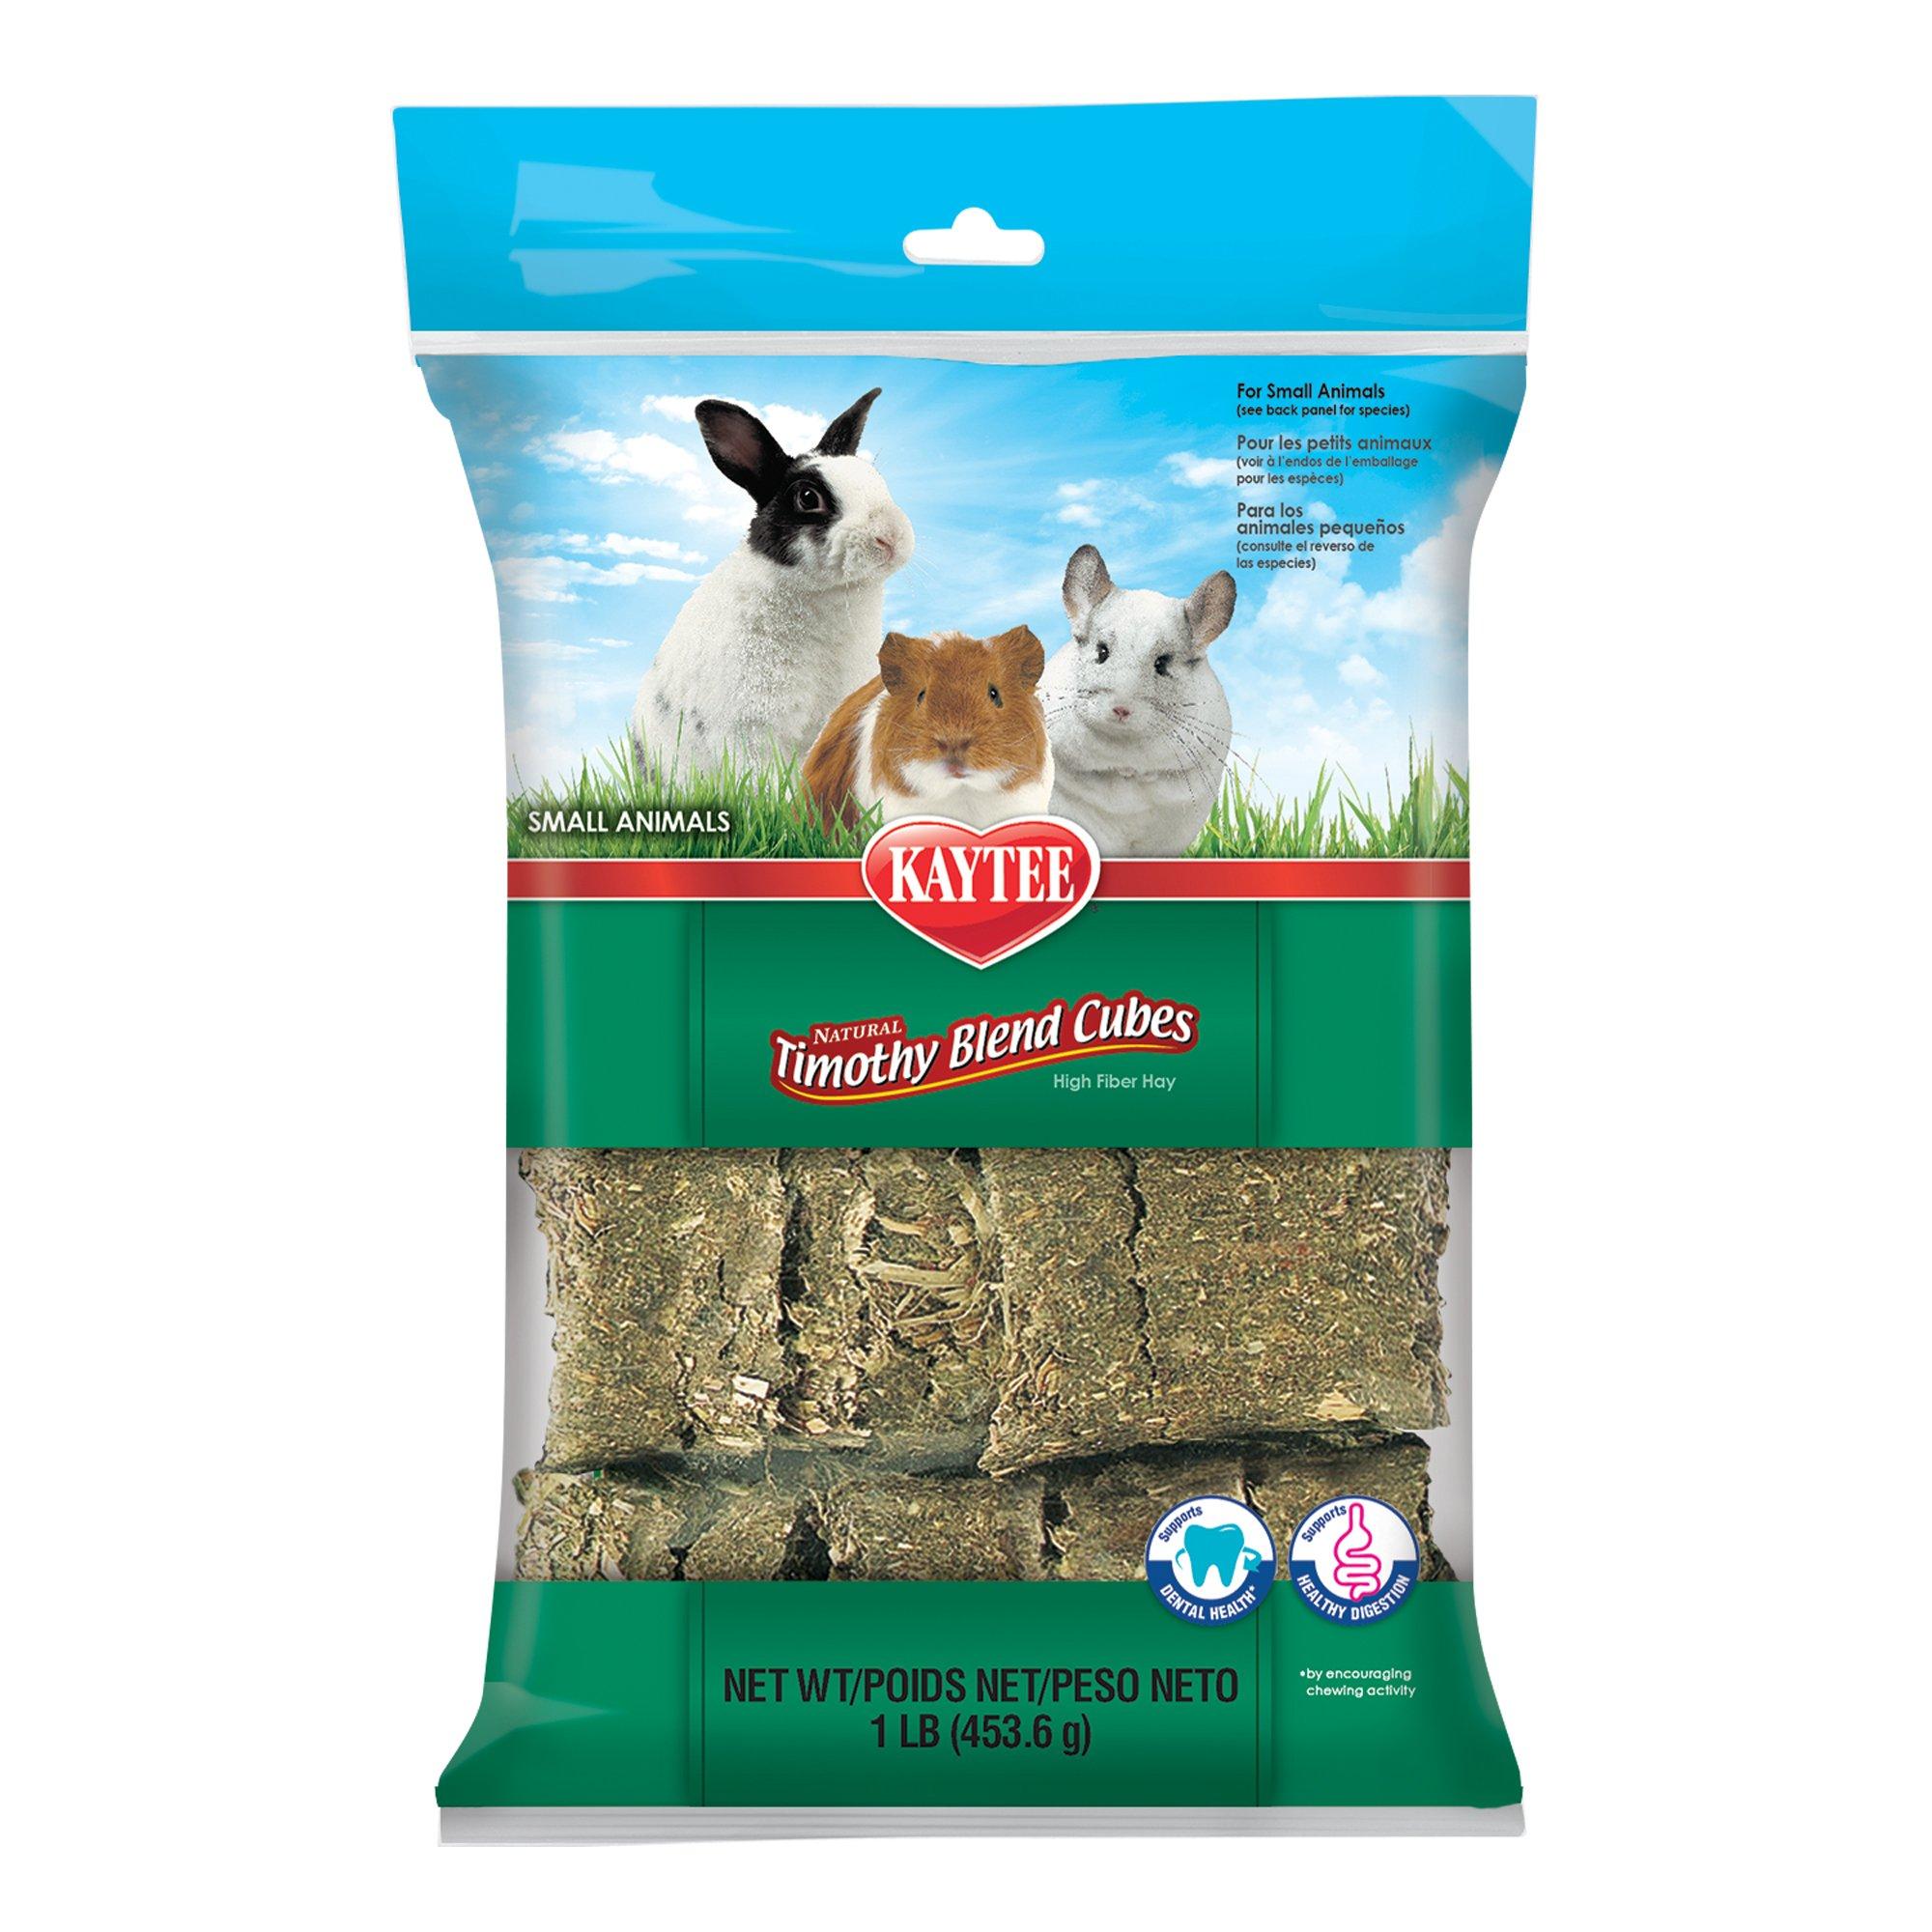 Kaytee Natural Timothy Hay Cubes for Rabbits & Small Animals